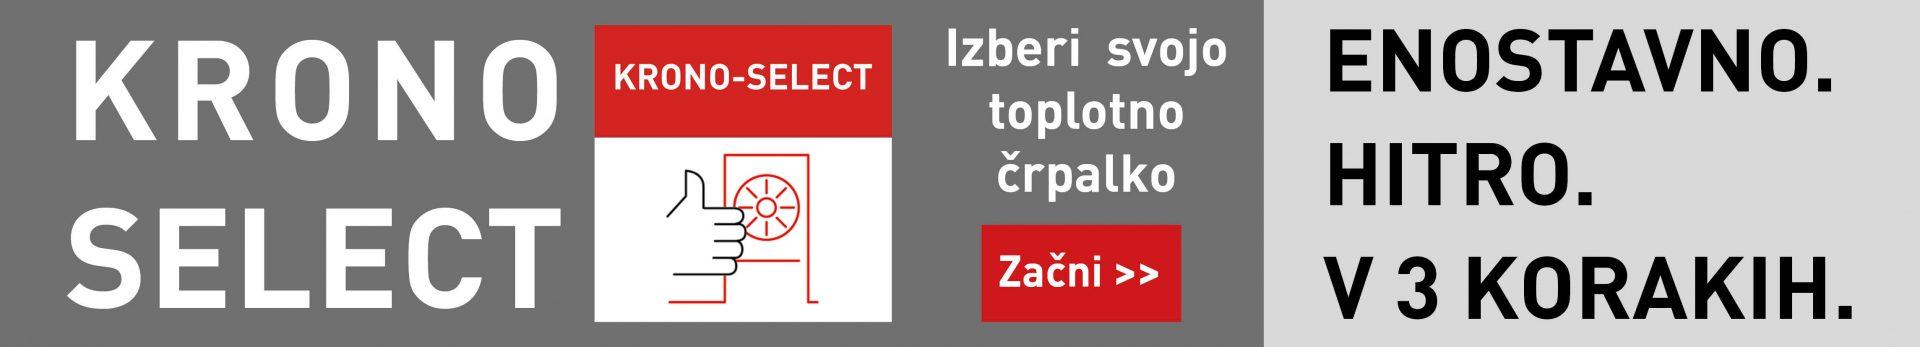 Krono-select